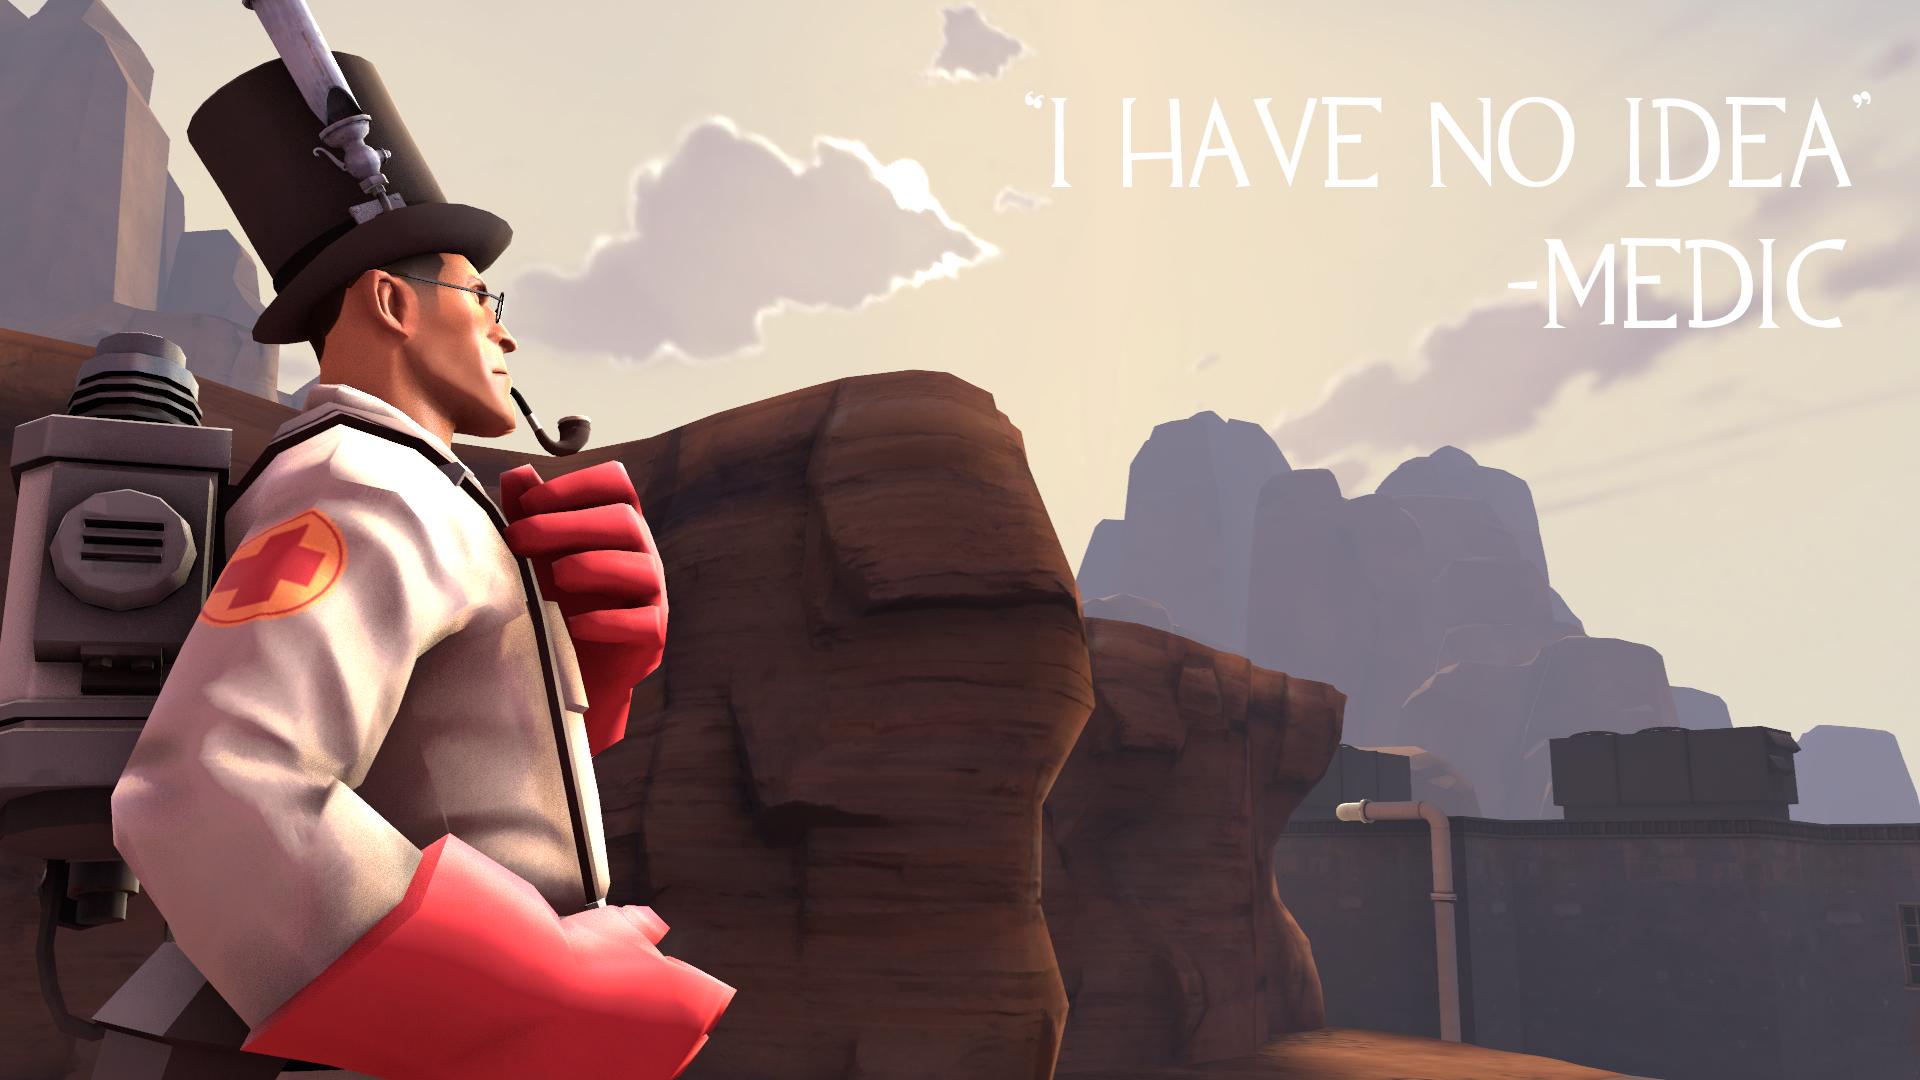 Team Fortress 2 Quotes Quotesgram